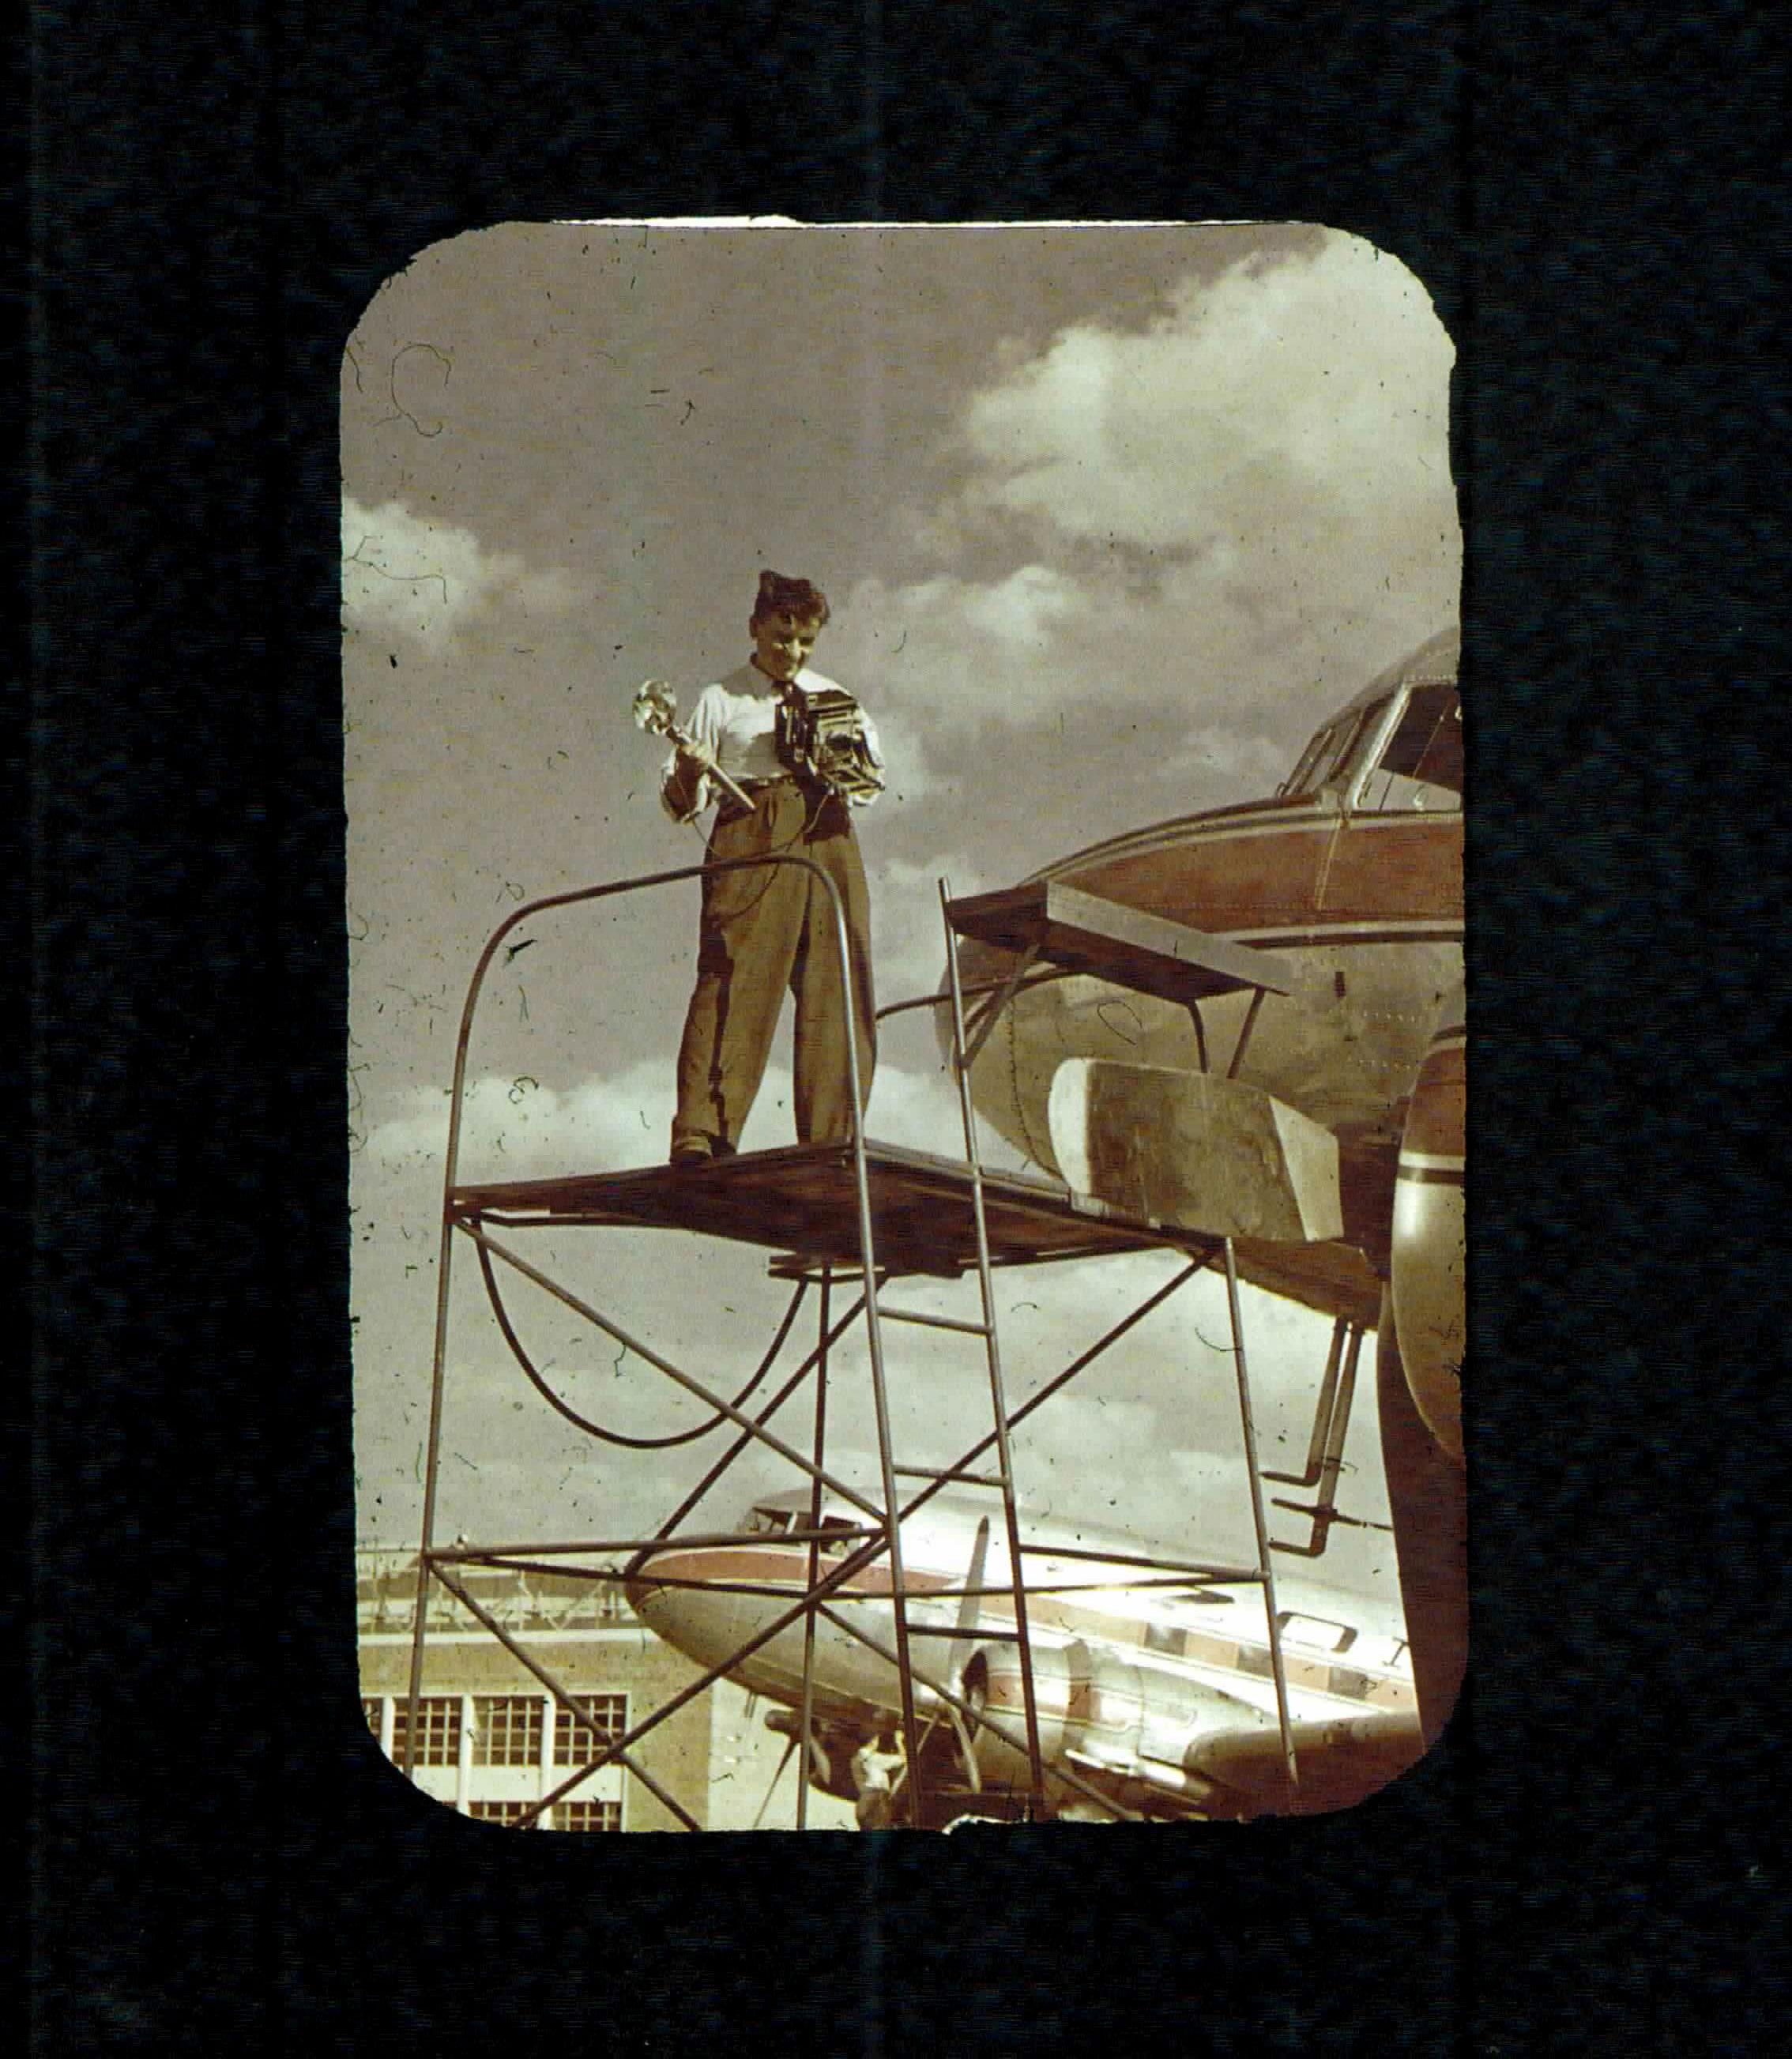 El arresto tras el golpe del 55 decidió a Fusco a poner a salvo su archivo fotográfico. Lo ocultó su hermano en la curtiembre que tenía en Nueva Pompeya. Así se preservó esta maravillosa colección